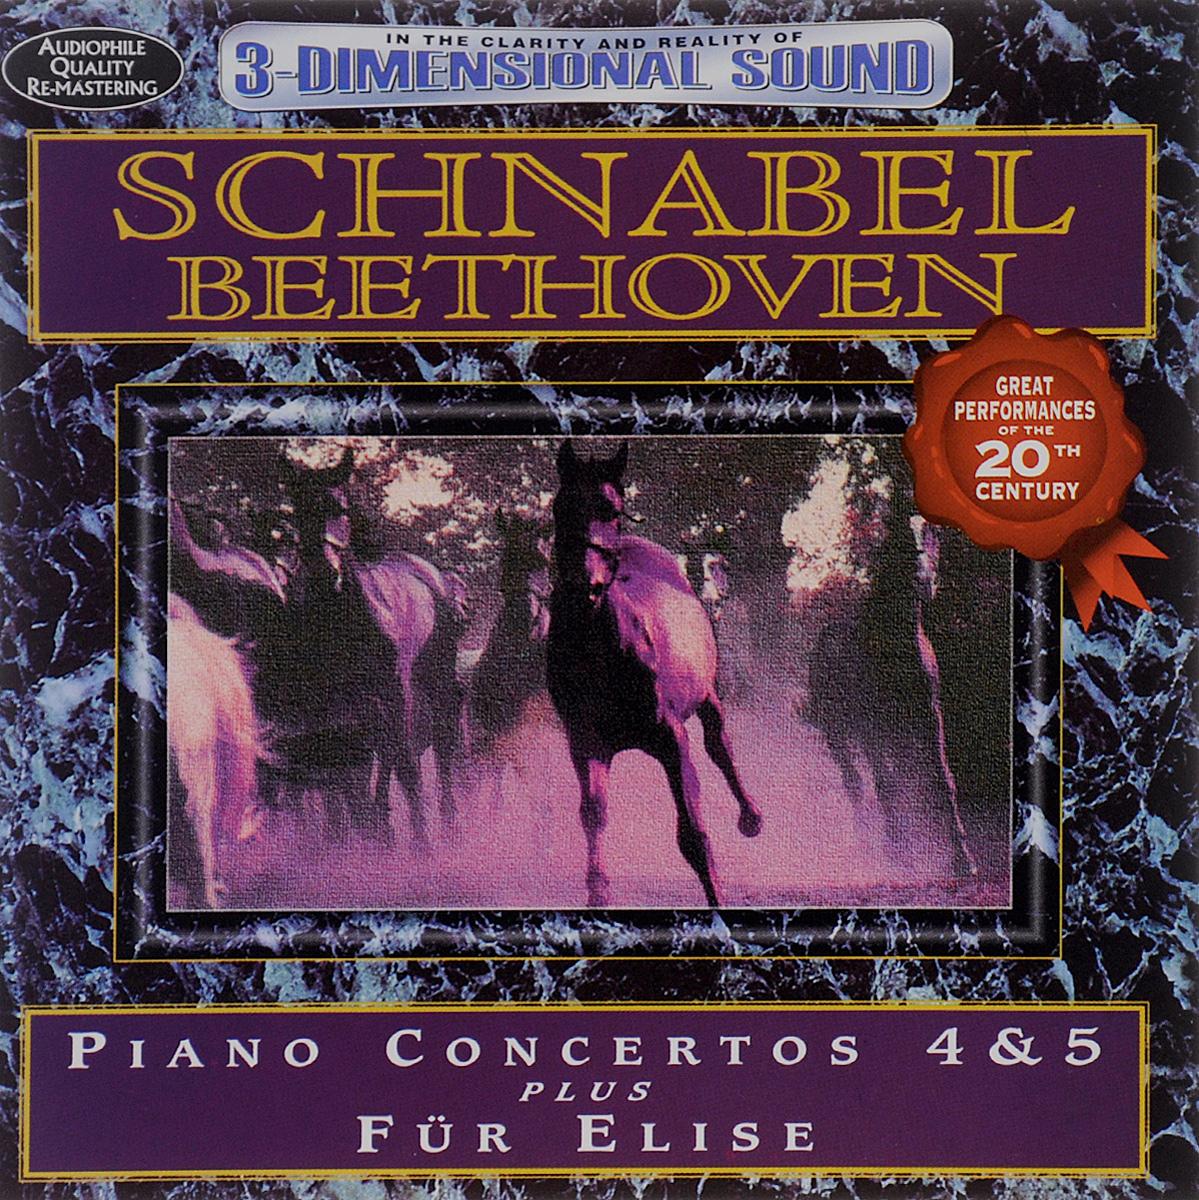 Артур Шнабель Avid Master Series. Artur Schnabel. Beethoven. Piano Concertos 4 & 5 / Fur Elise тормоза для велосипеда avid elixir e1